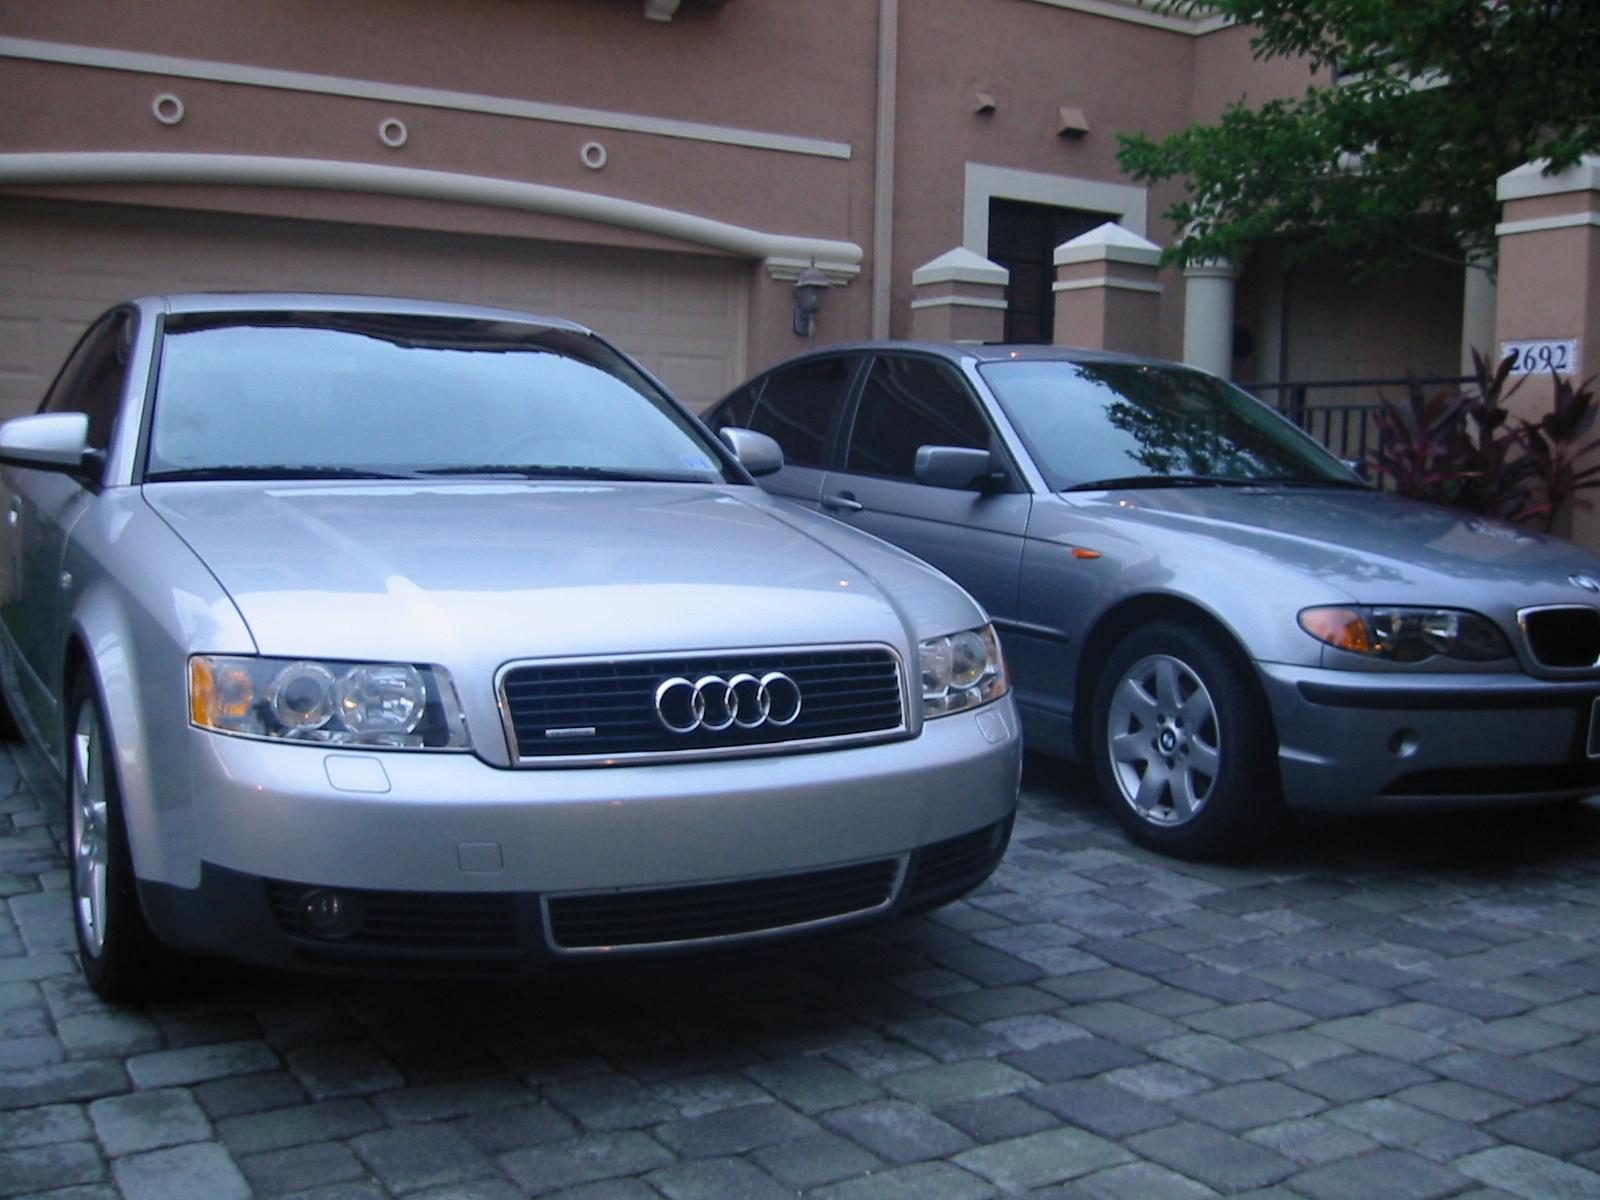 2001 Audi A4 - Pictures - CarGurus